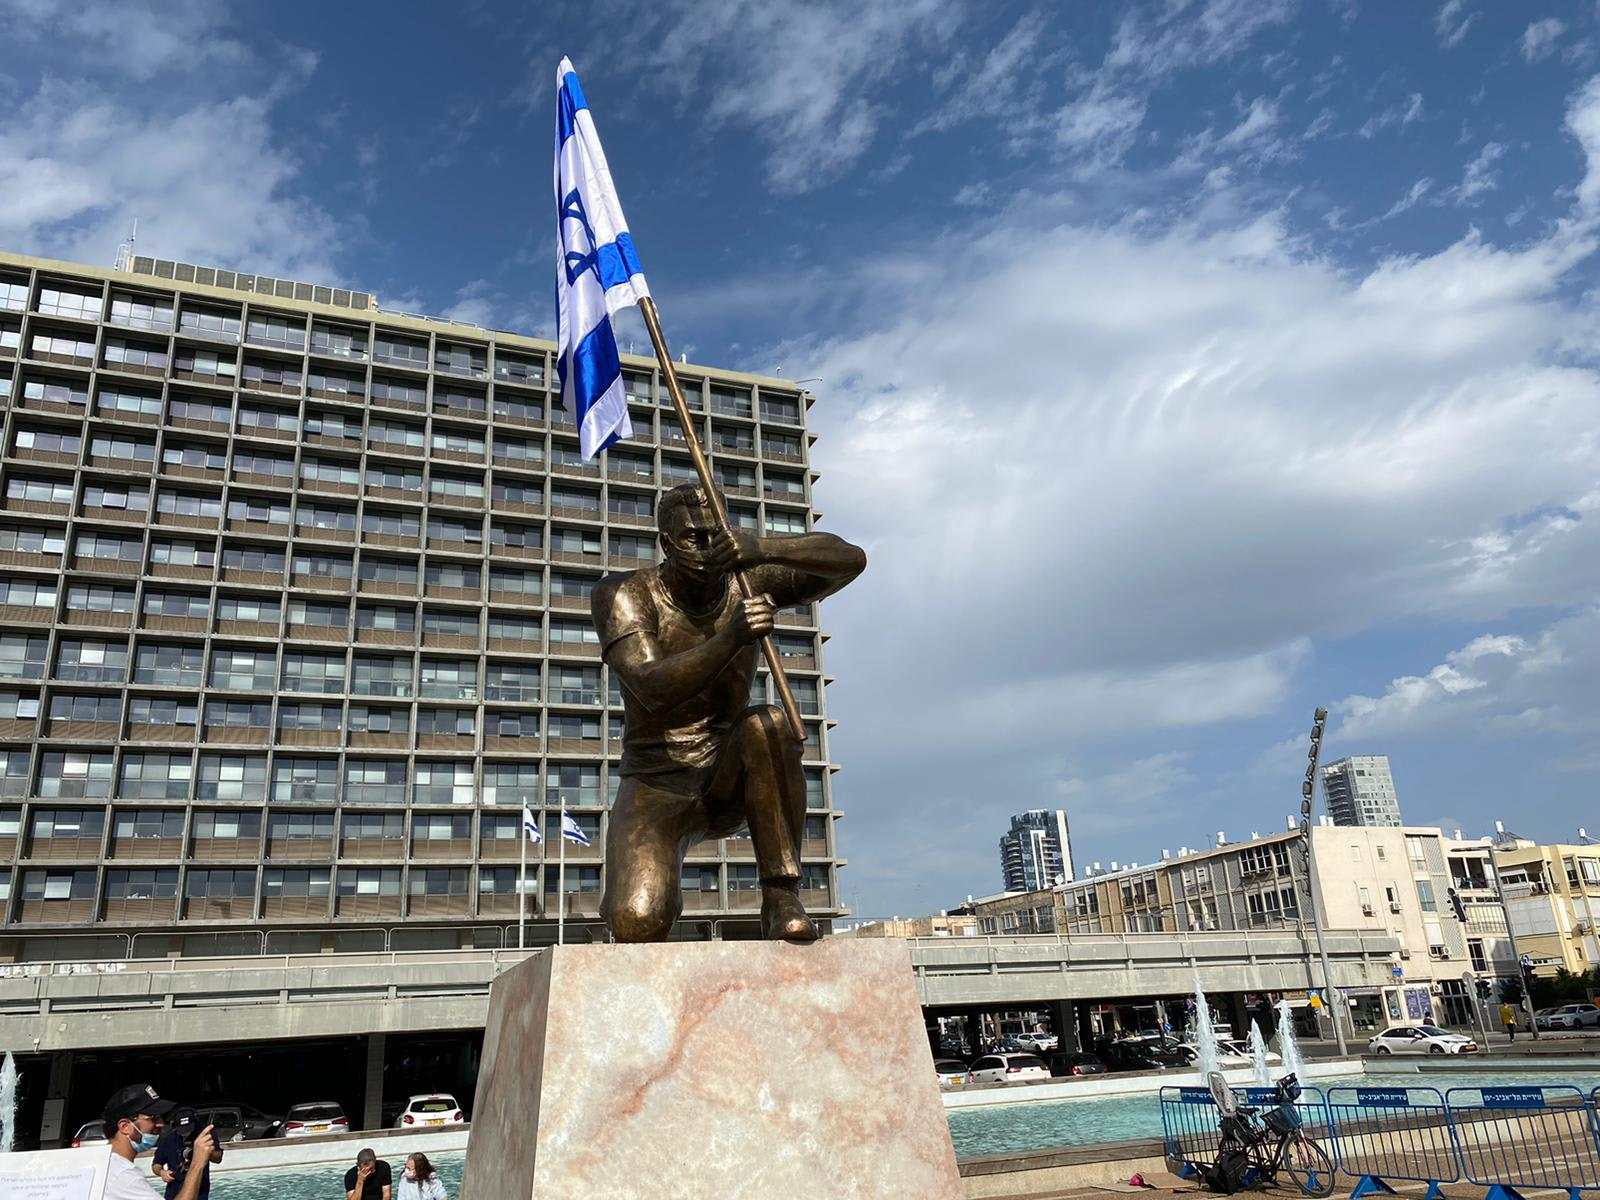 """פסלו של האמן איתי זלאיט """"גיבור ישראל"""" בכיכר רבין / צילום: בר לביא"""